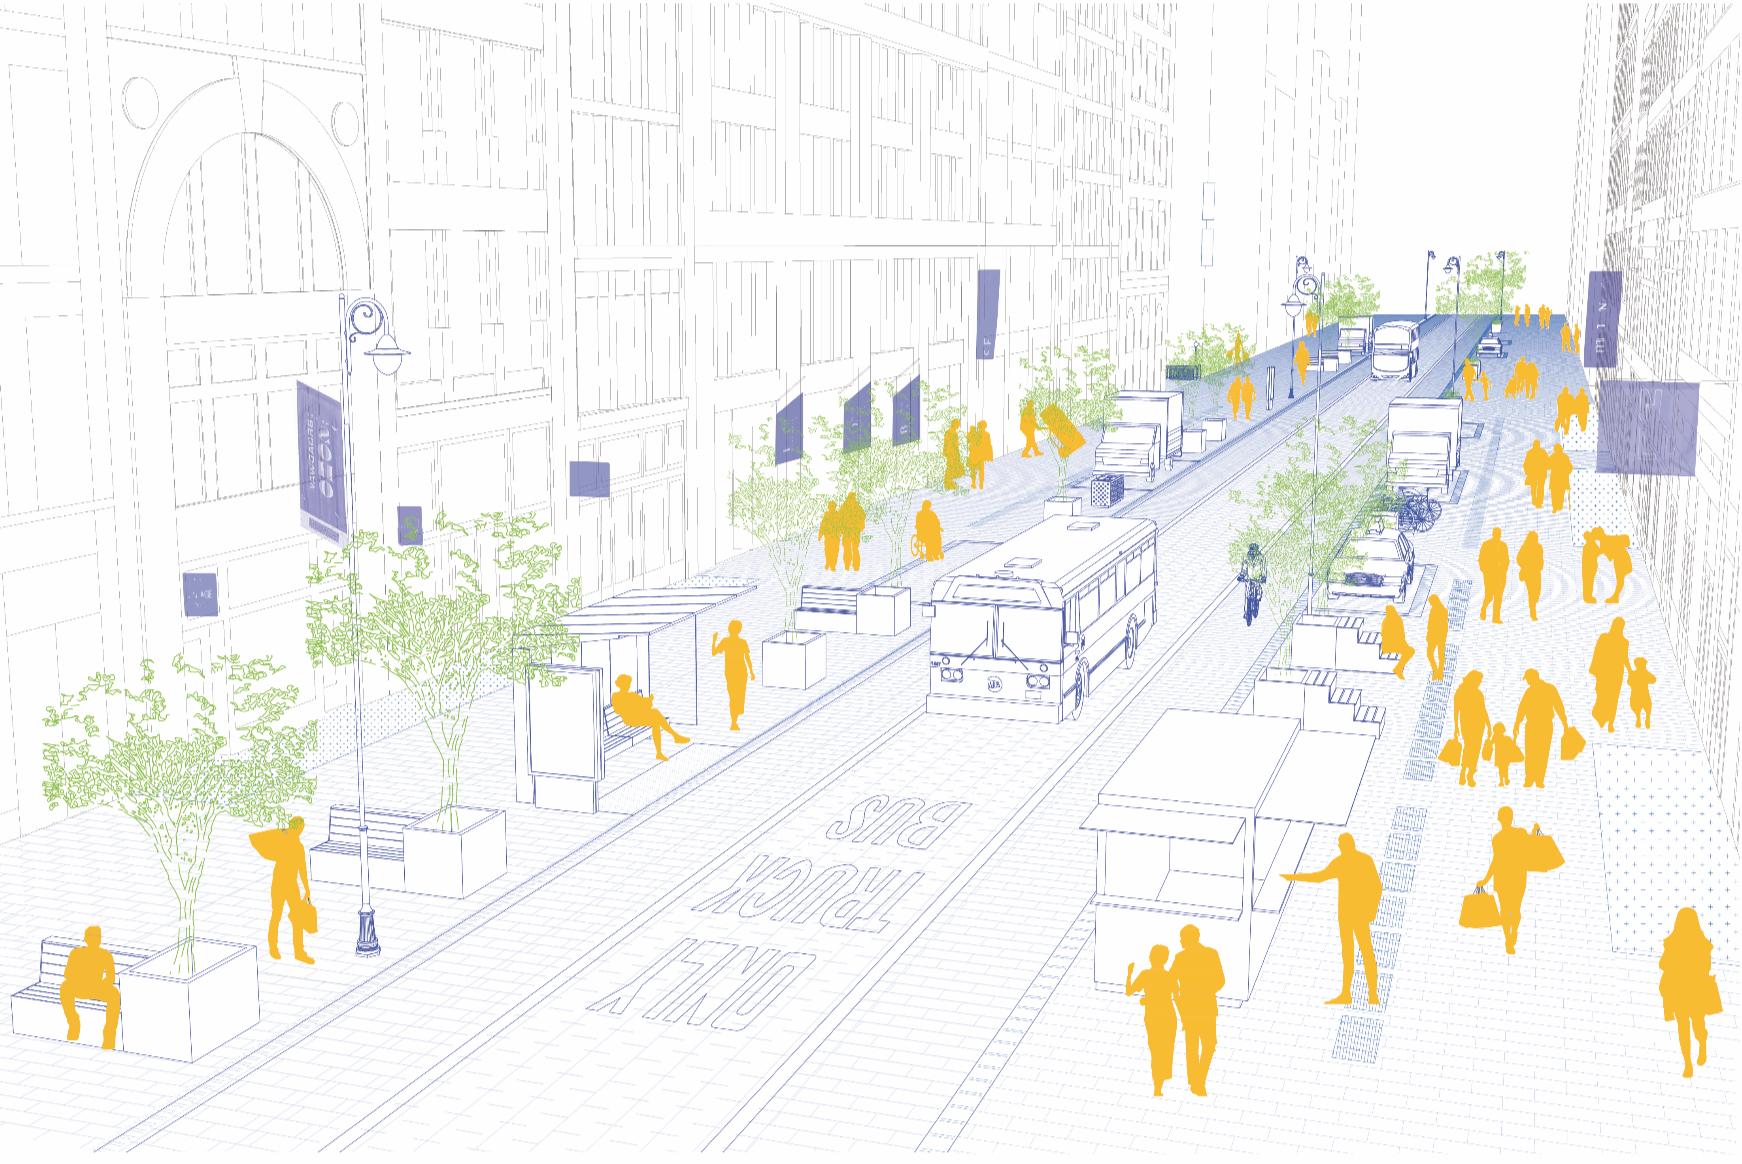 ارائه چشم انداز SoHo BID برای برادوی بین هوستون و کانال